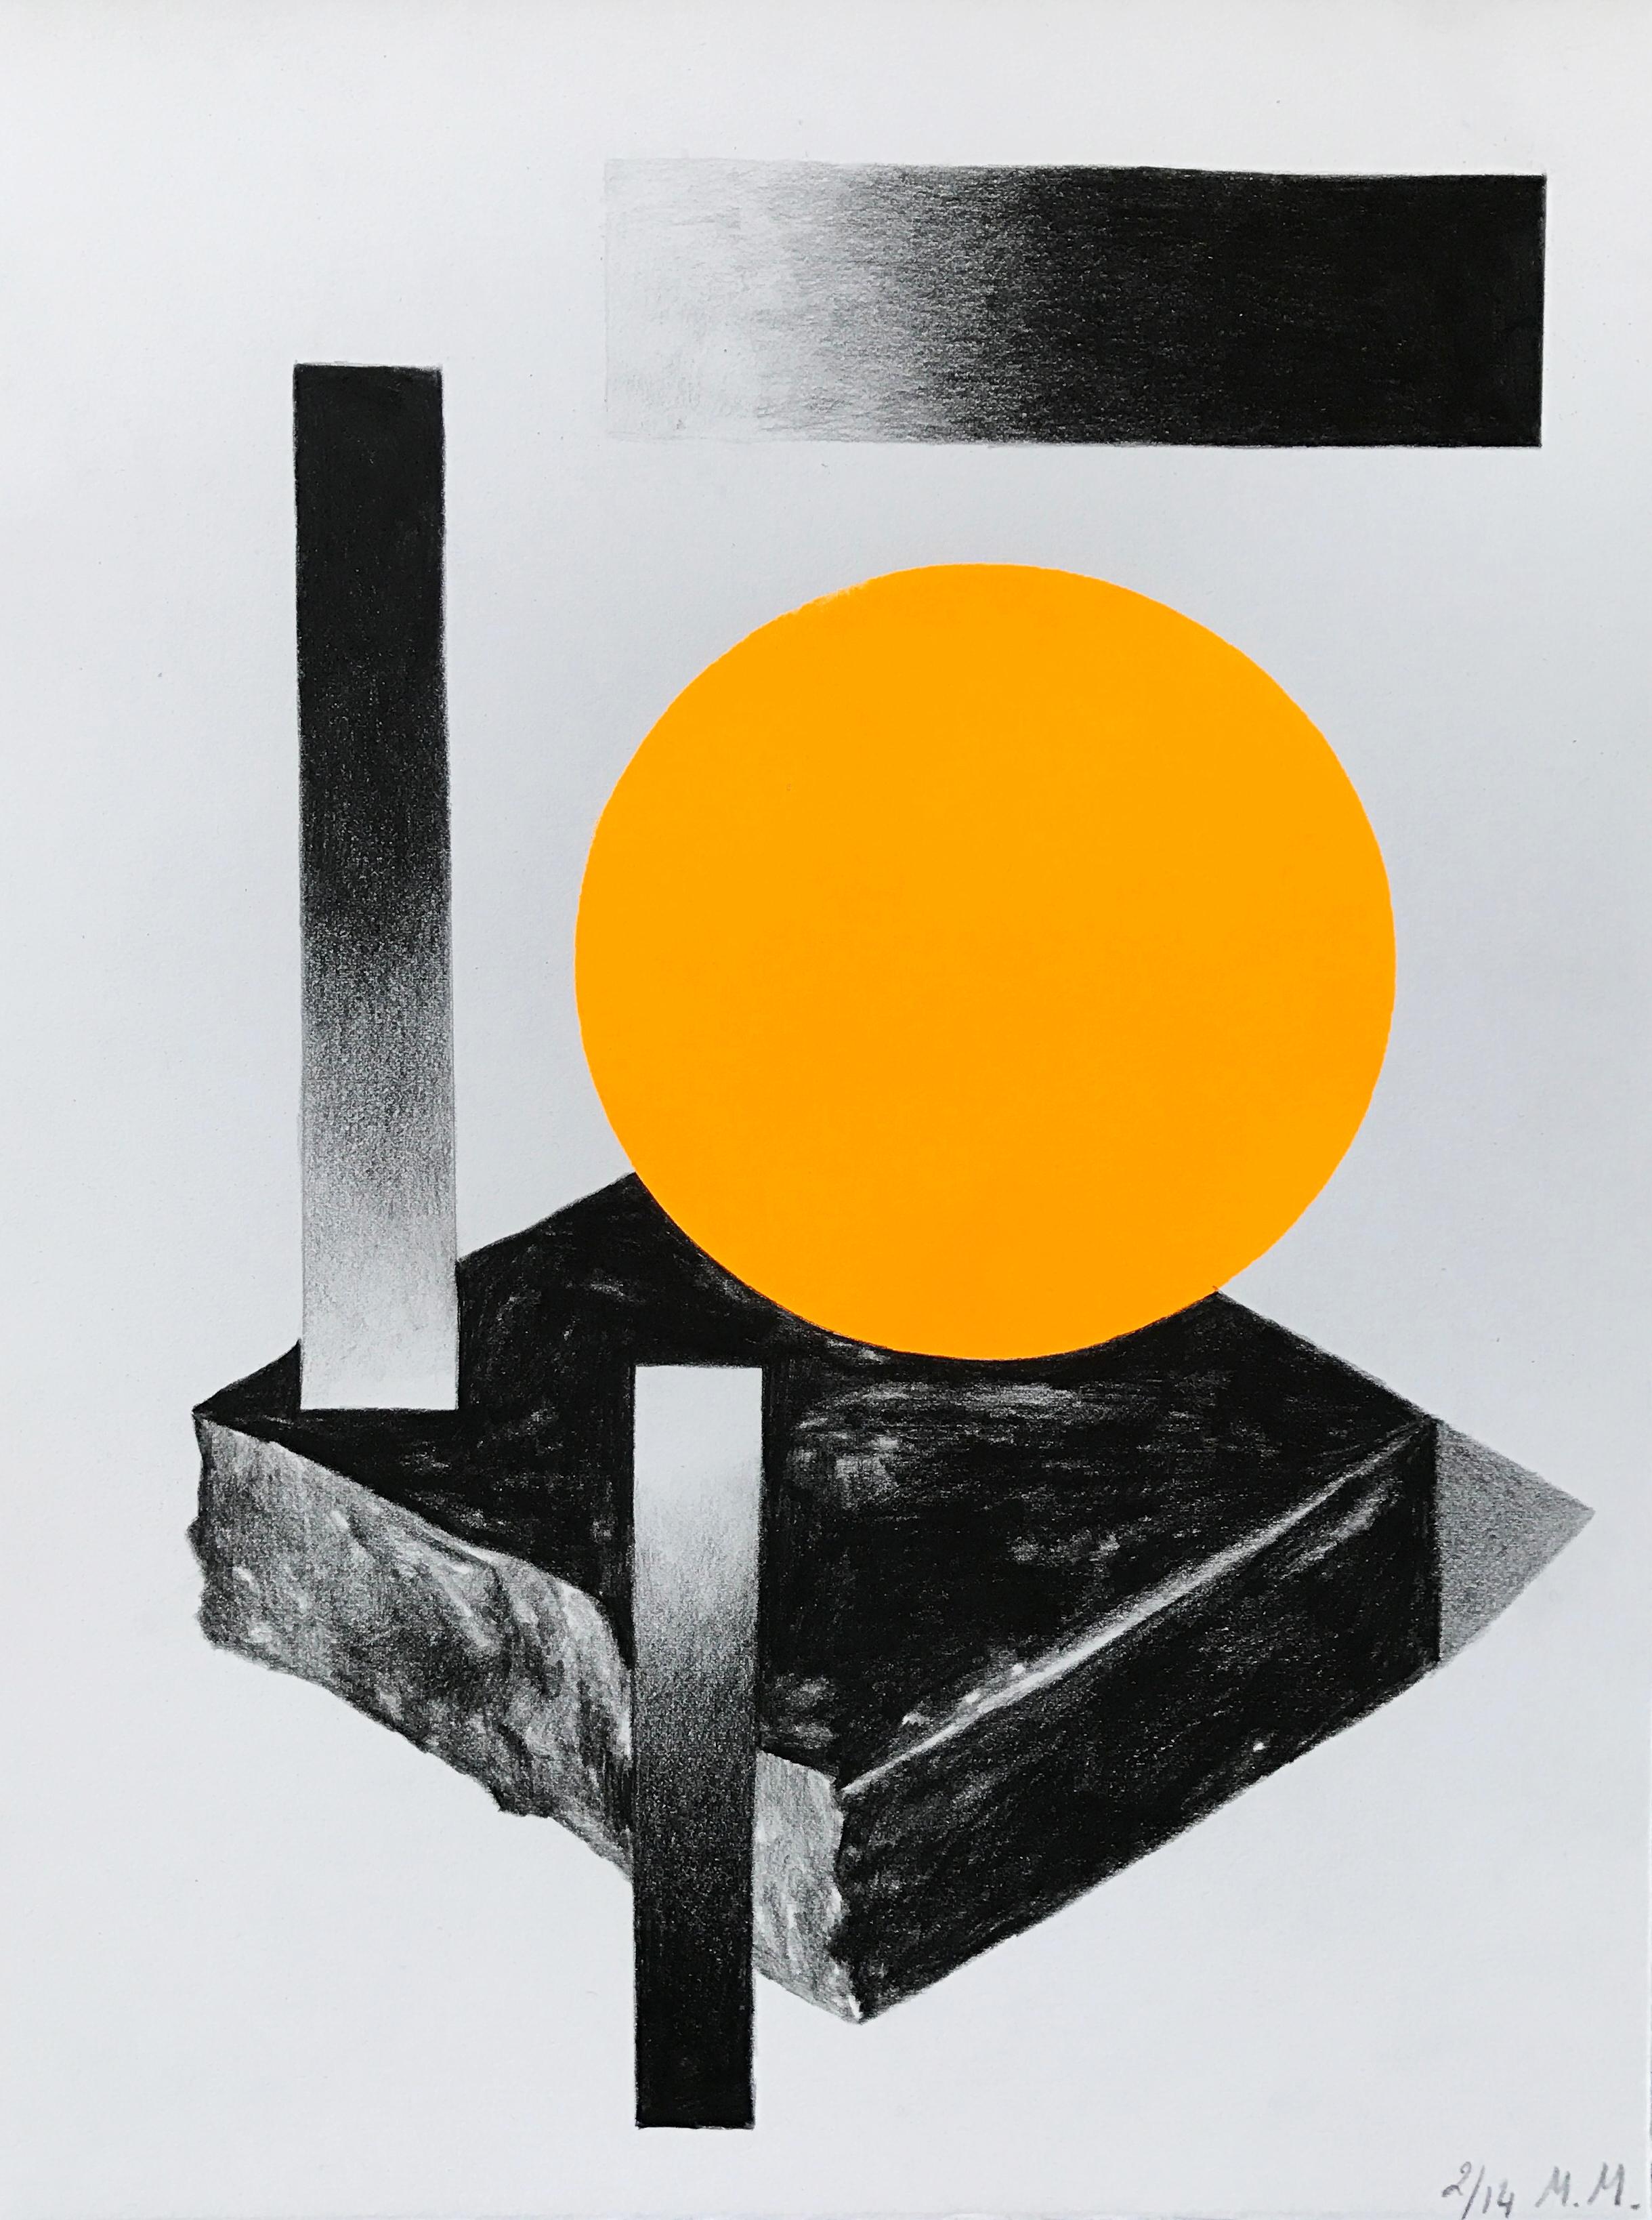 le sourire de Malevich 2/14